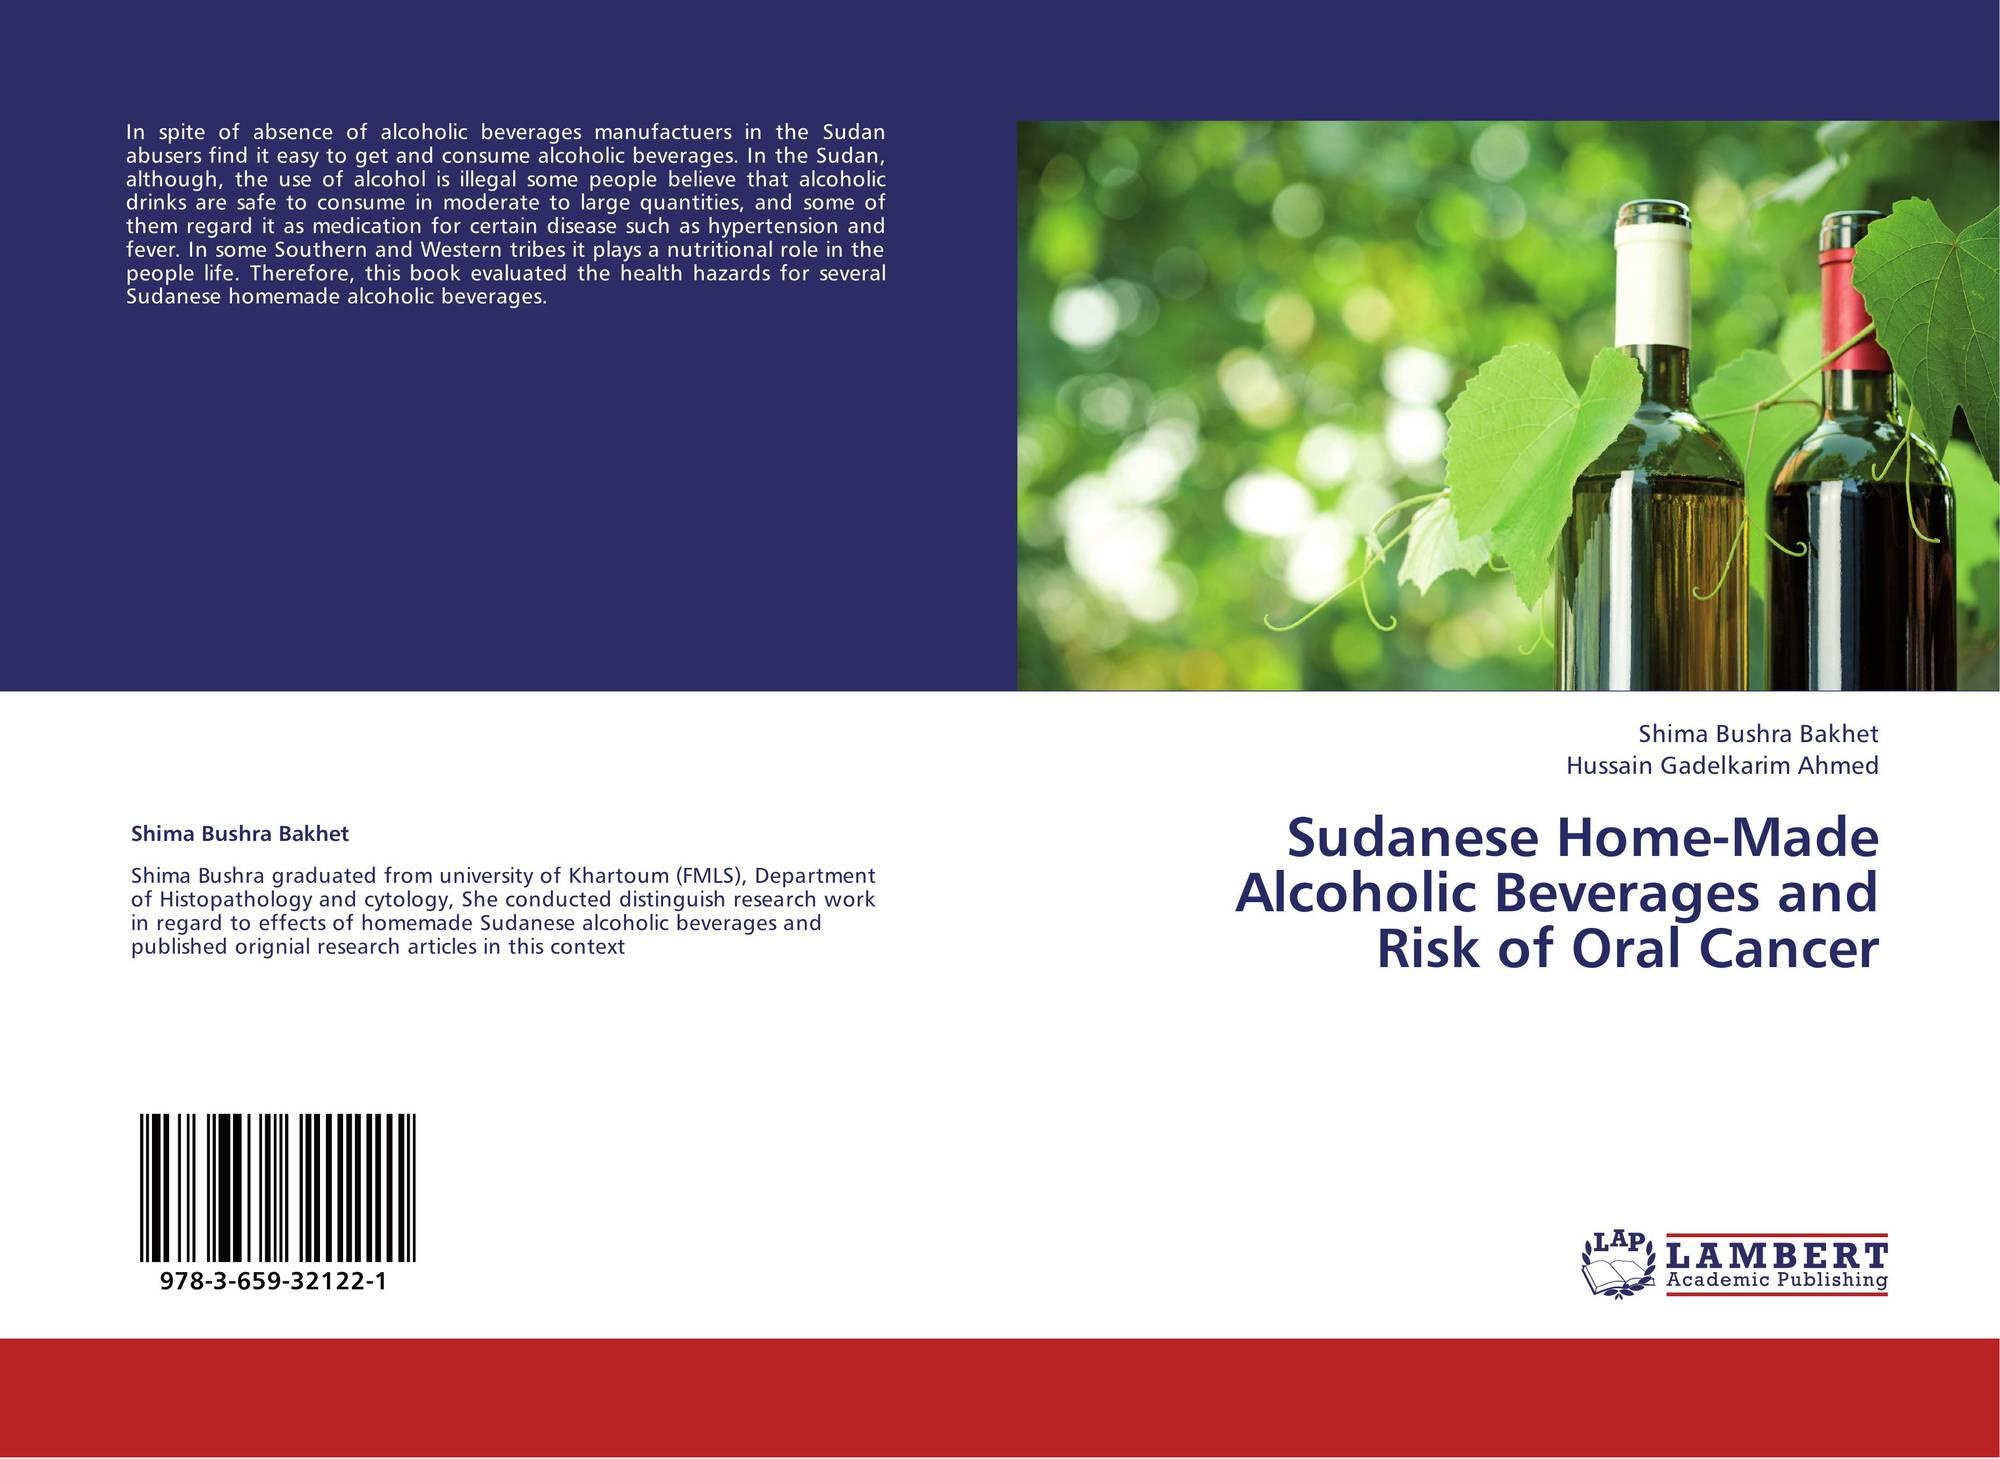 recomendaciones para el consumo responsible de alcoholic beverage